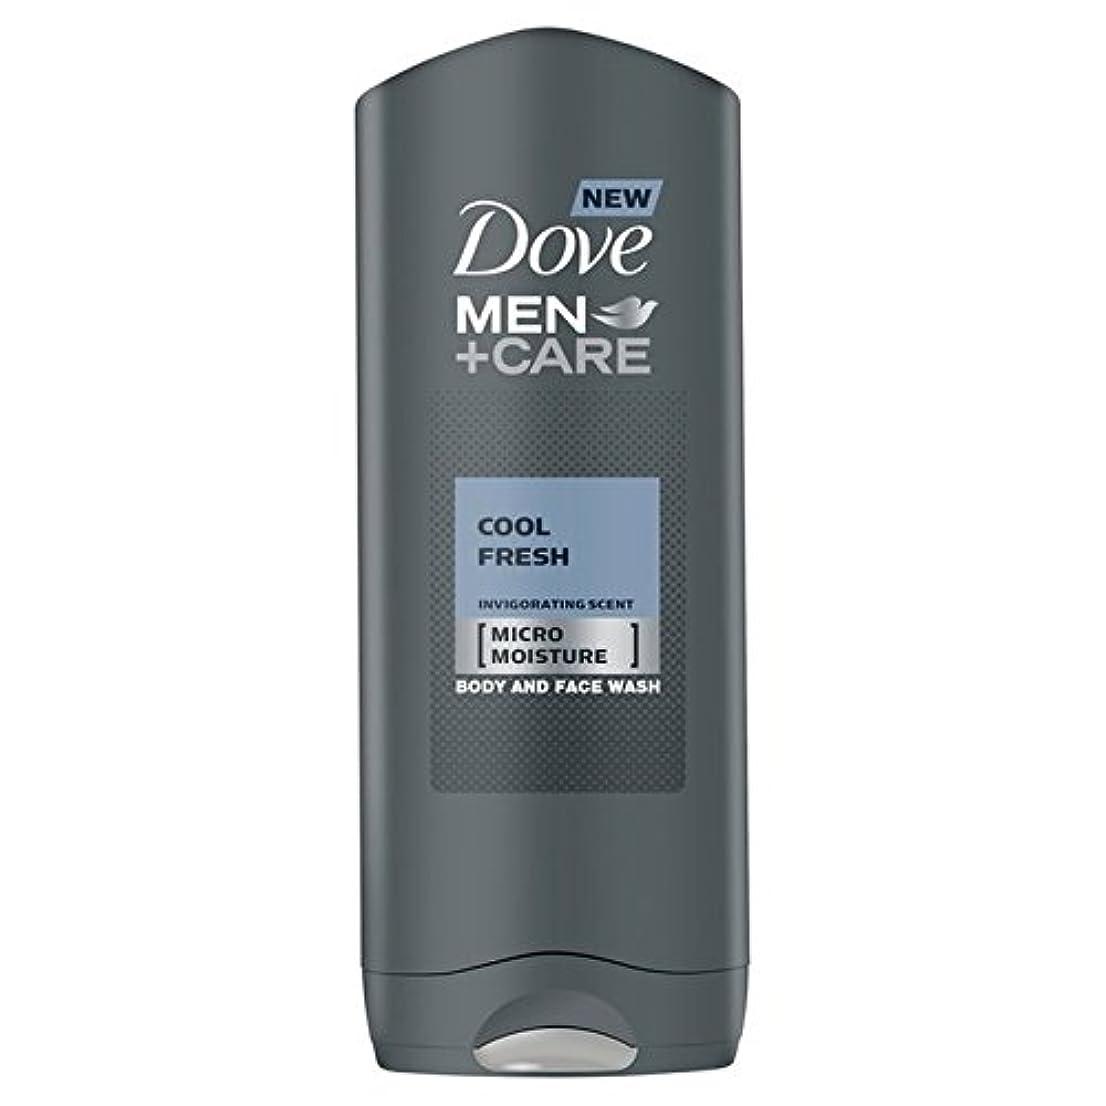 エキスパート八百屋さんラベルクールフレッシュシャワージェル400ミリリットルケア+鳩の男性 x2 - Dove Men+Care Cool Fresh Shower Gel 400ml (Pack of 2) [並行輸入品]